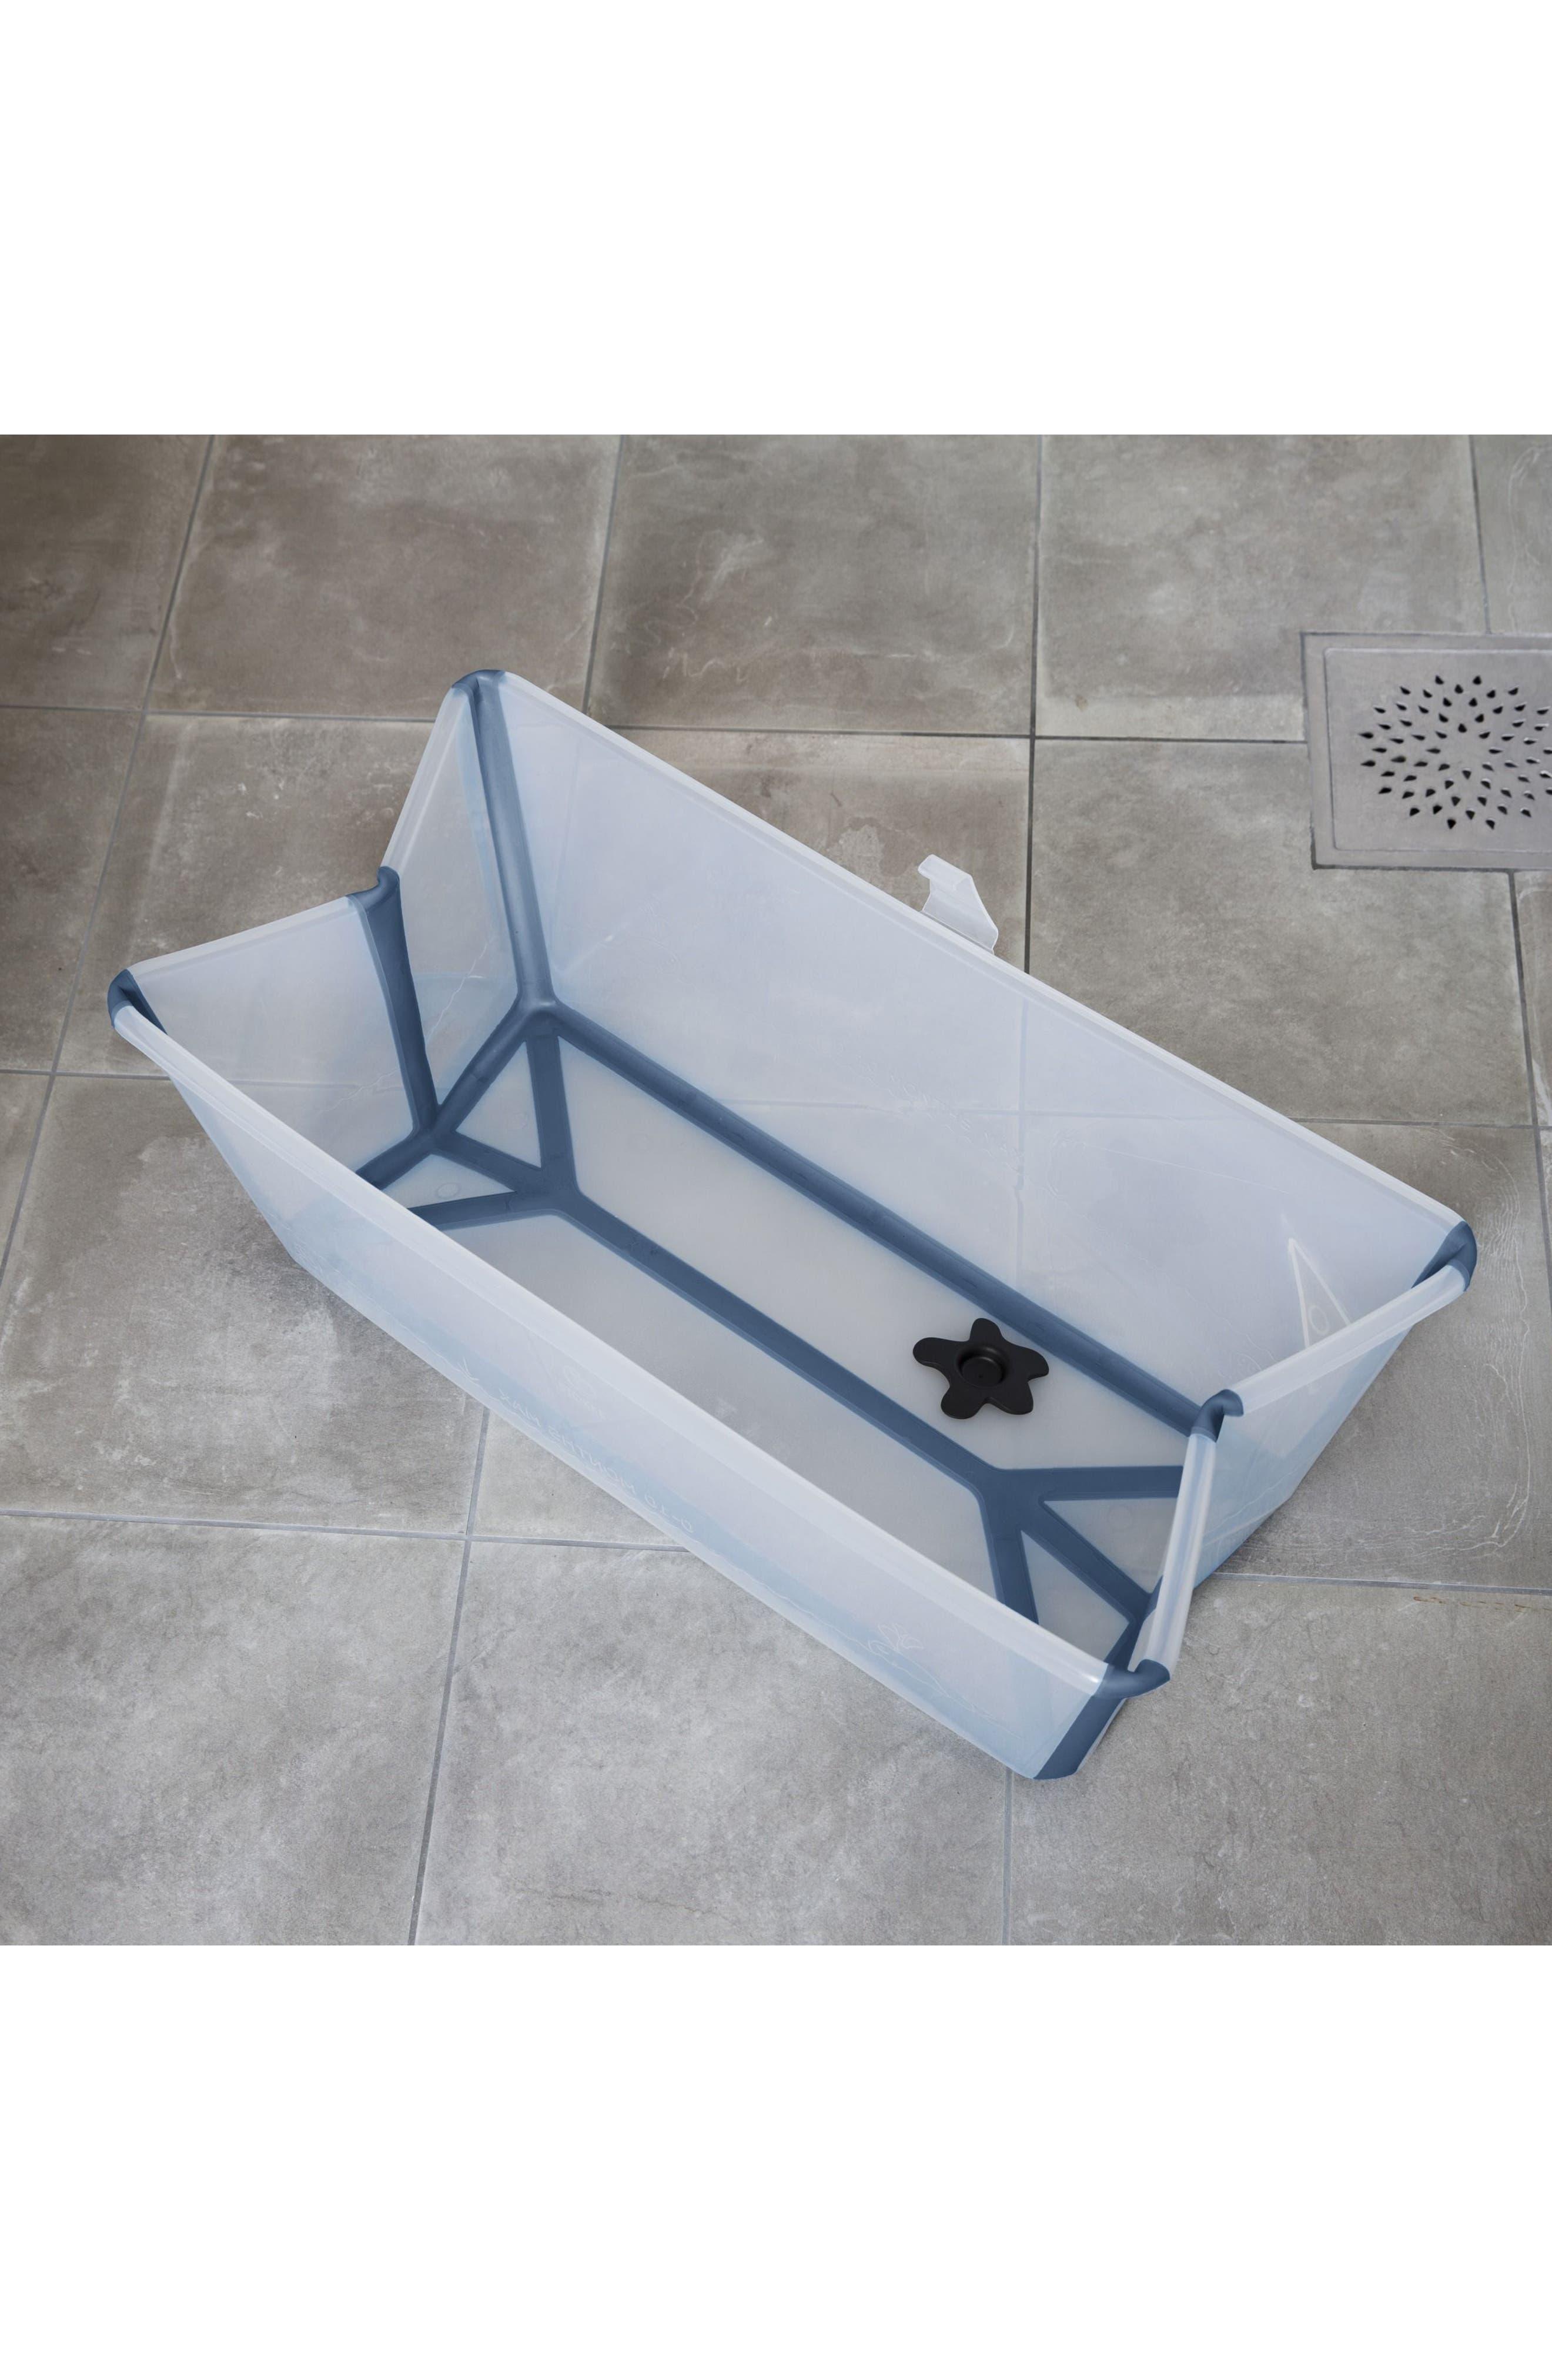 'Flexi Bath<sup>®</sup>' Foldable Baby Bathtub,                             Alternate thumbnail 4, color,                             TRANSPARENT BLUE